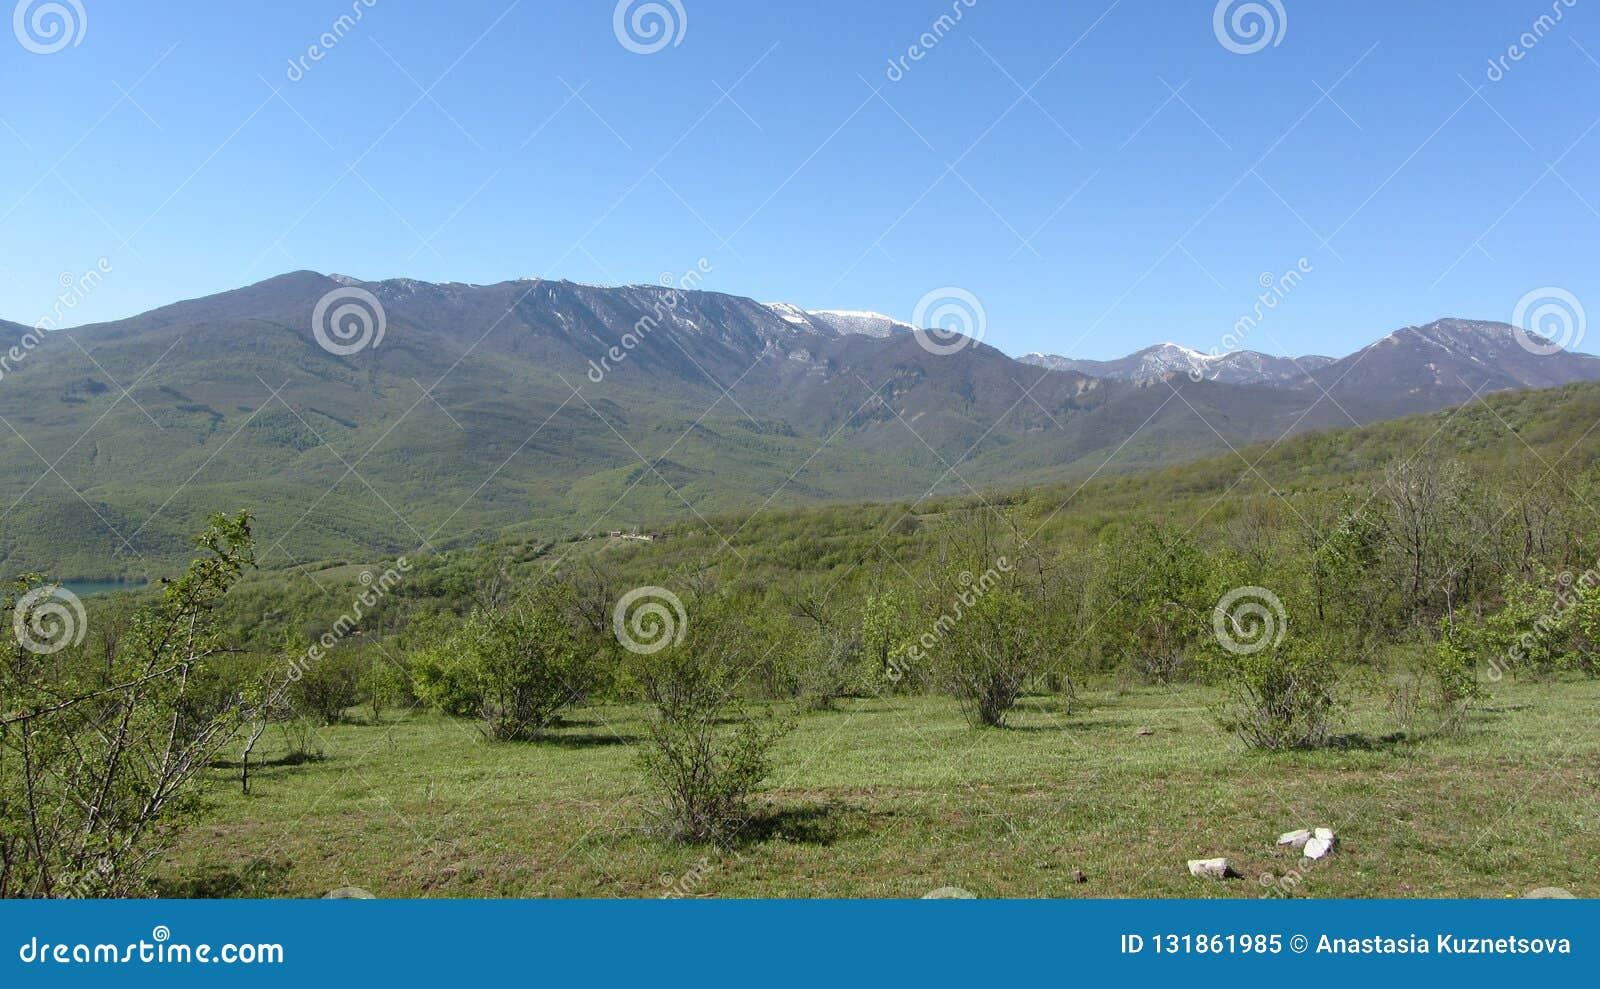 Mountain range Babugan, Crimea.